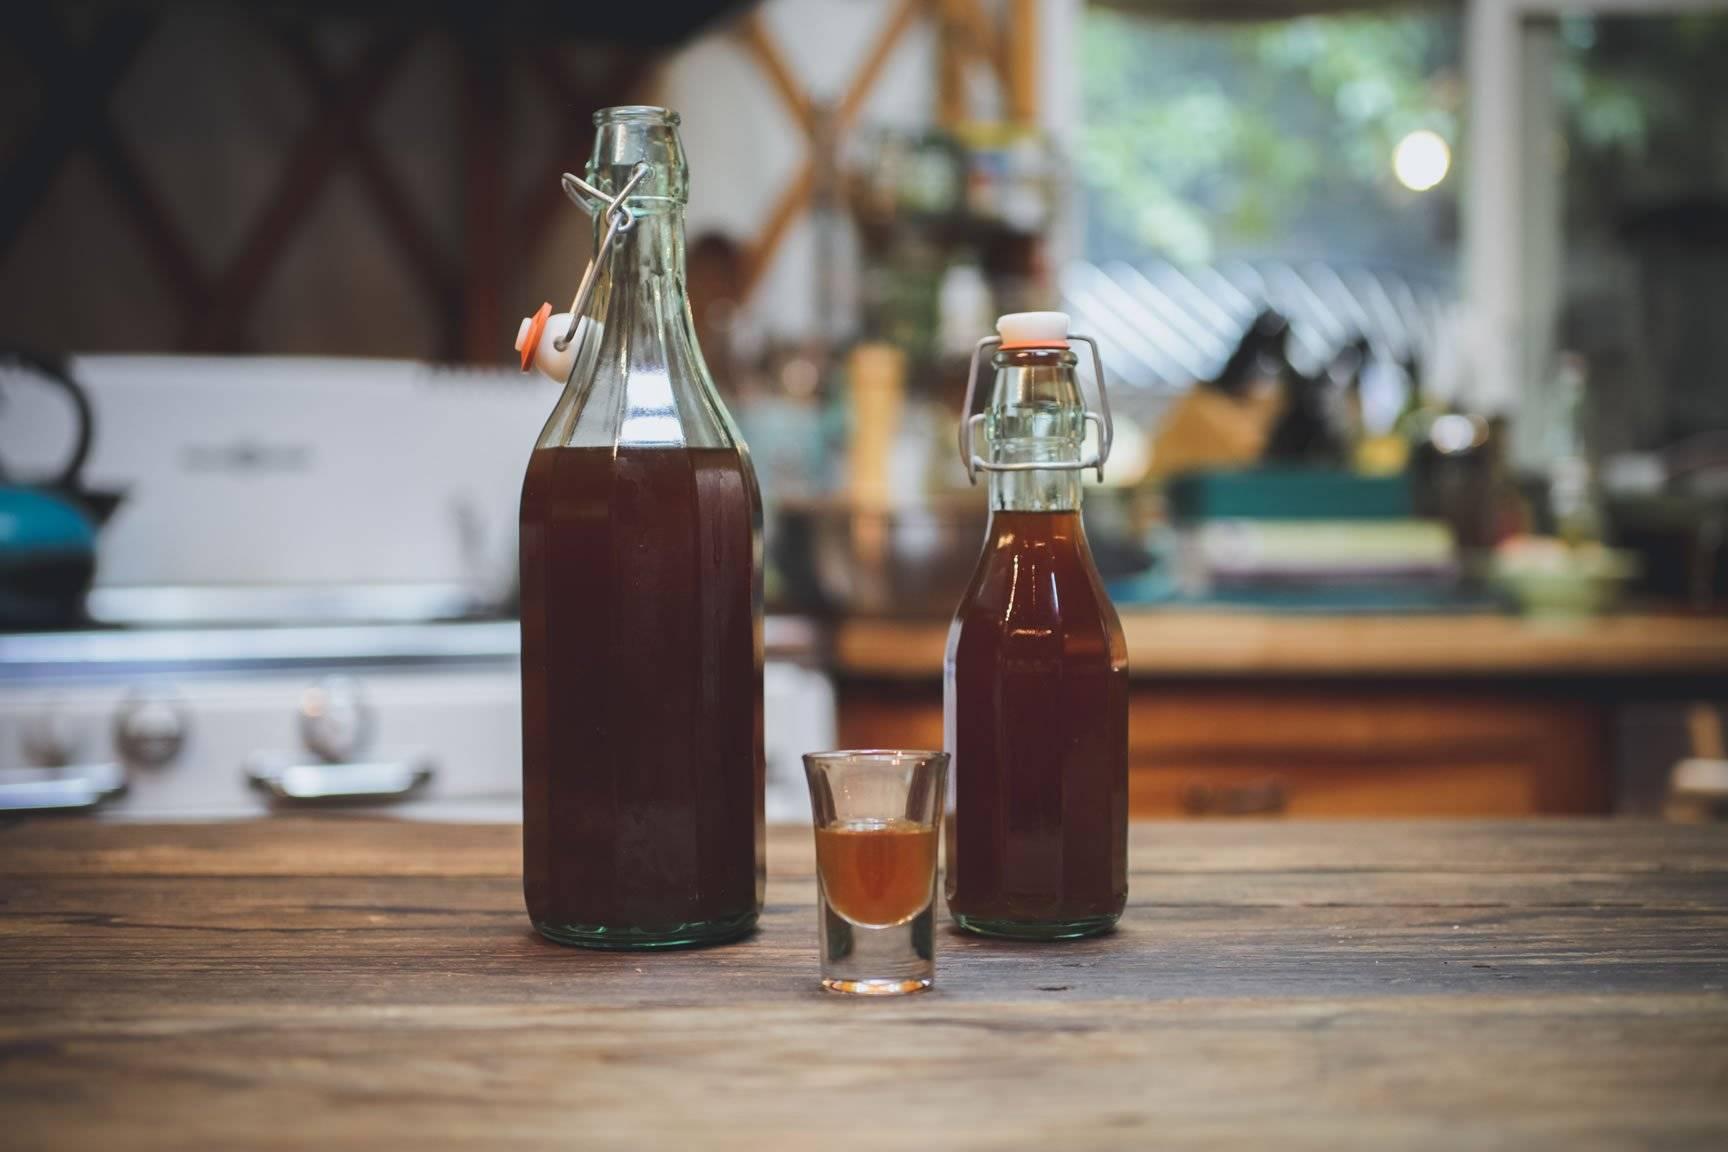 Кофейный ликер приготавливаем в домашних условиях | про самогон и другие напитки ? | яндекс дзен